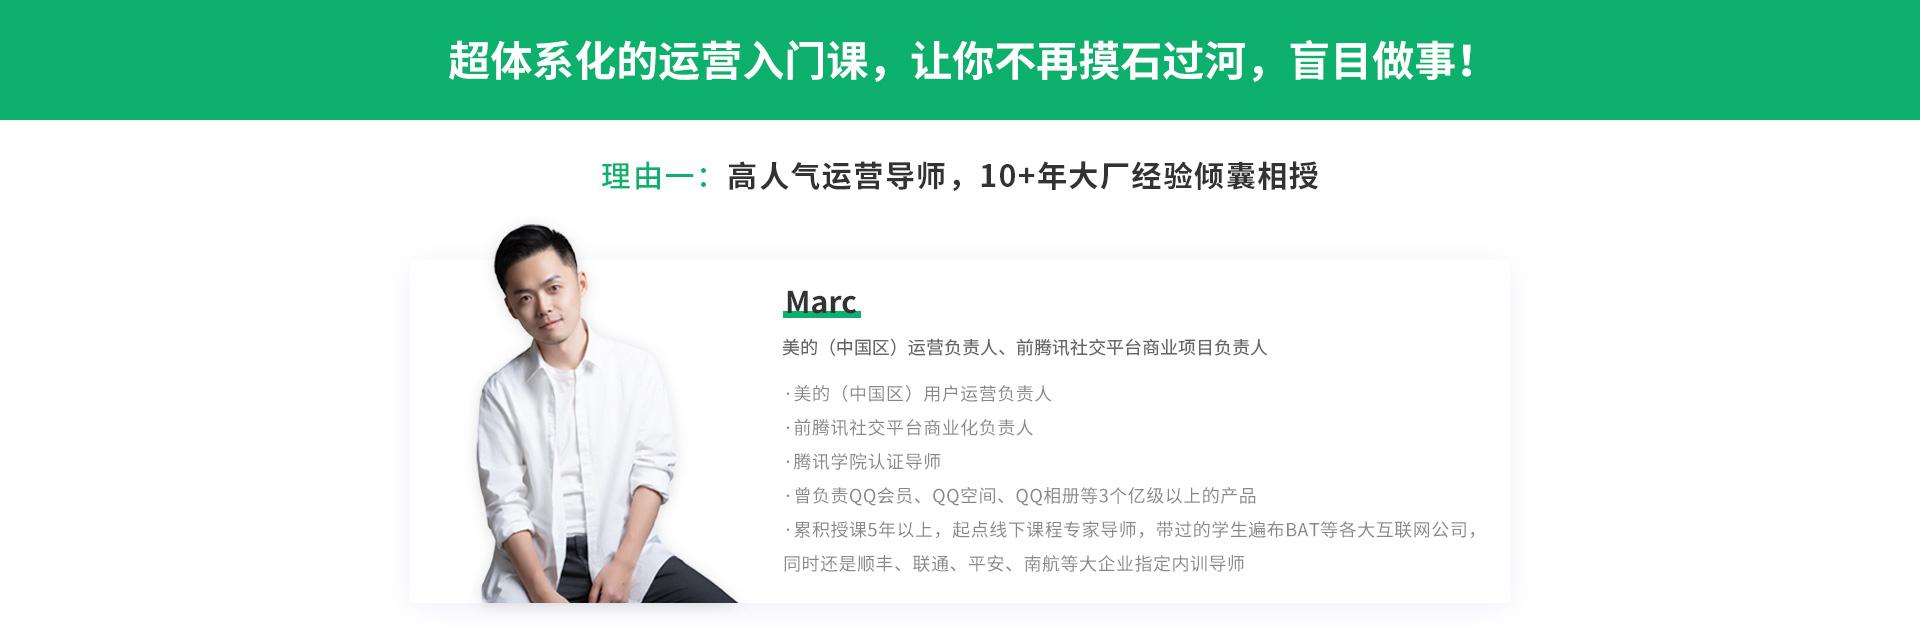 MRAC(1).jpg